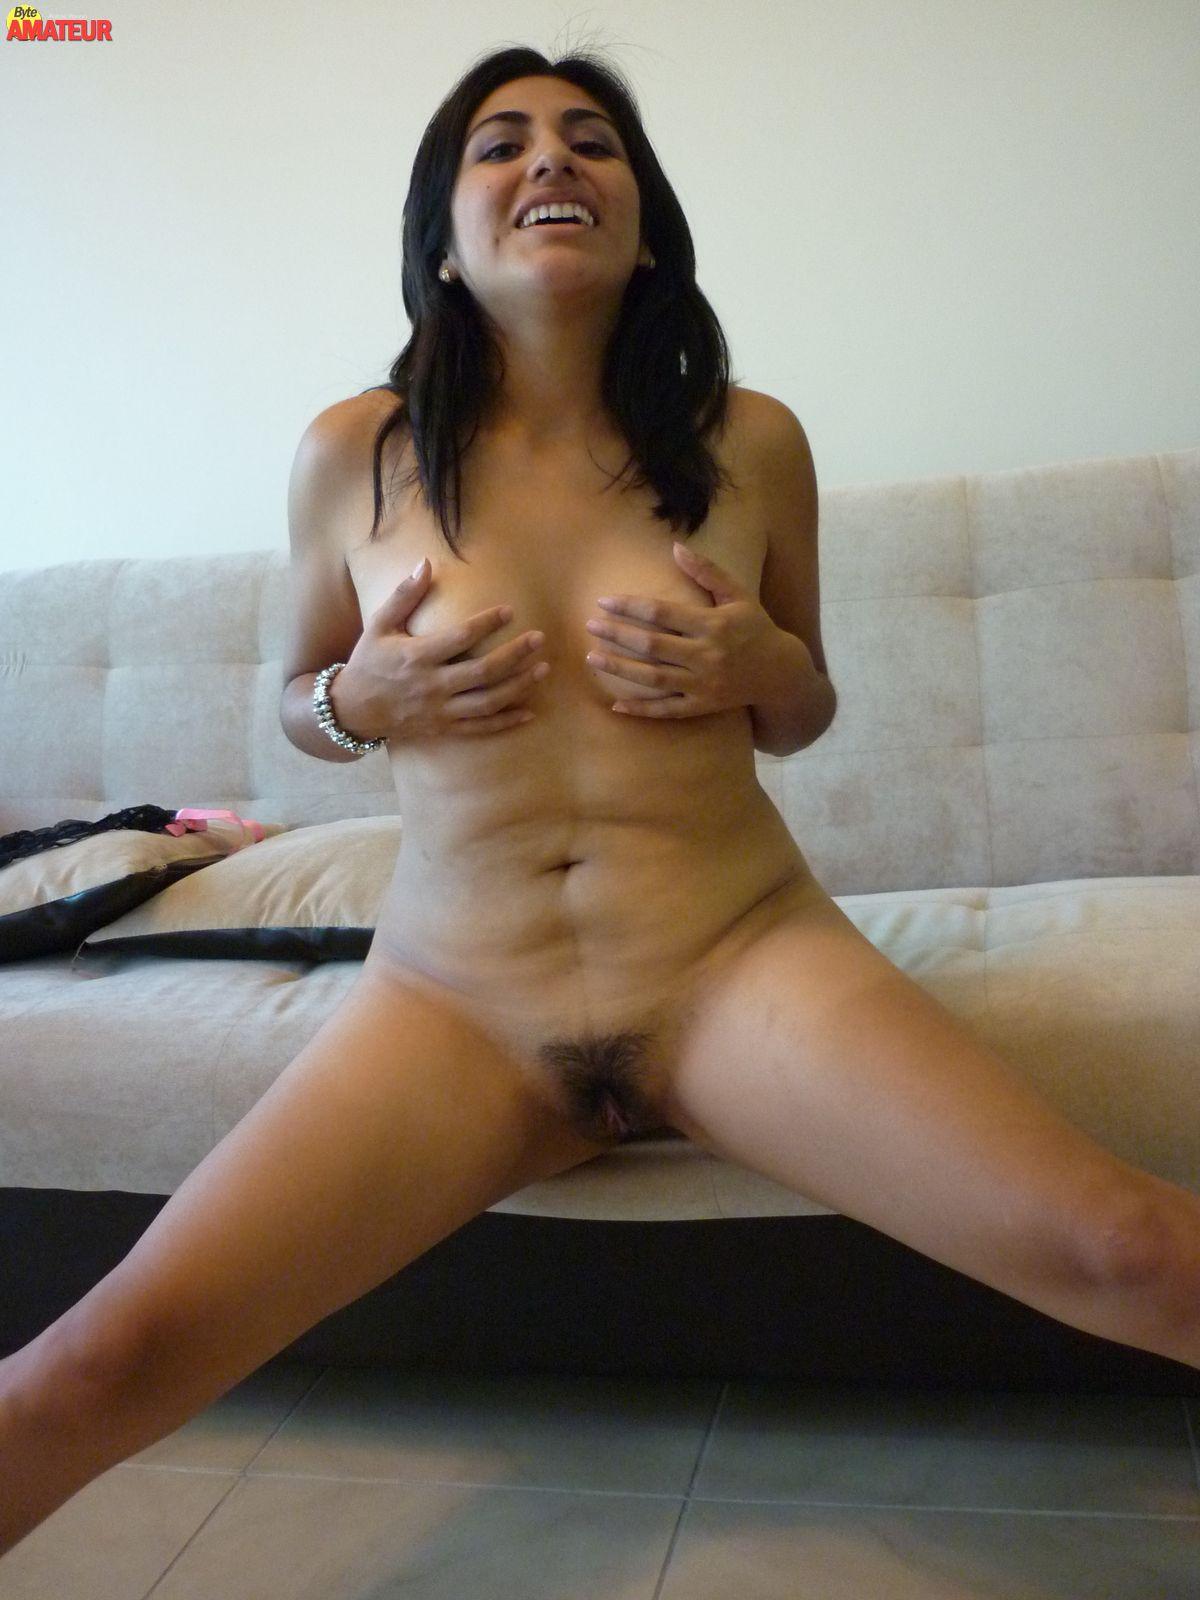 Kiero ver mujers peludas desnudas vien aviertas d pernas